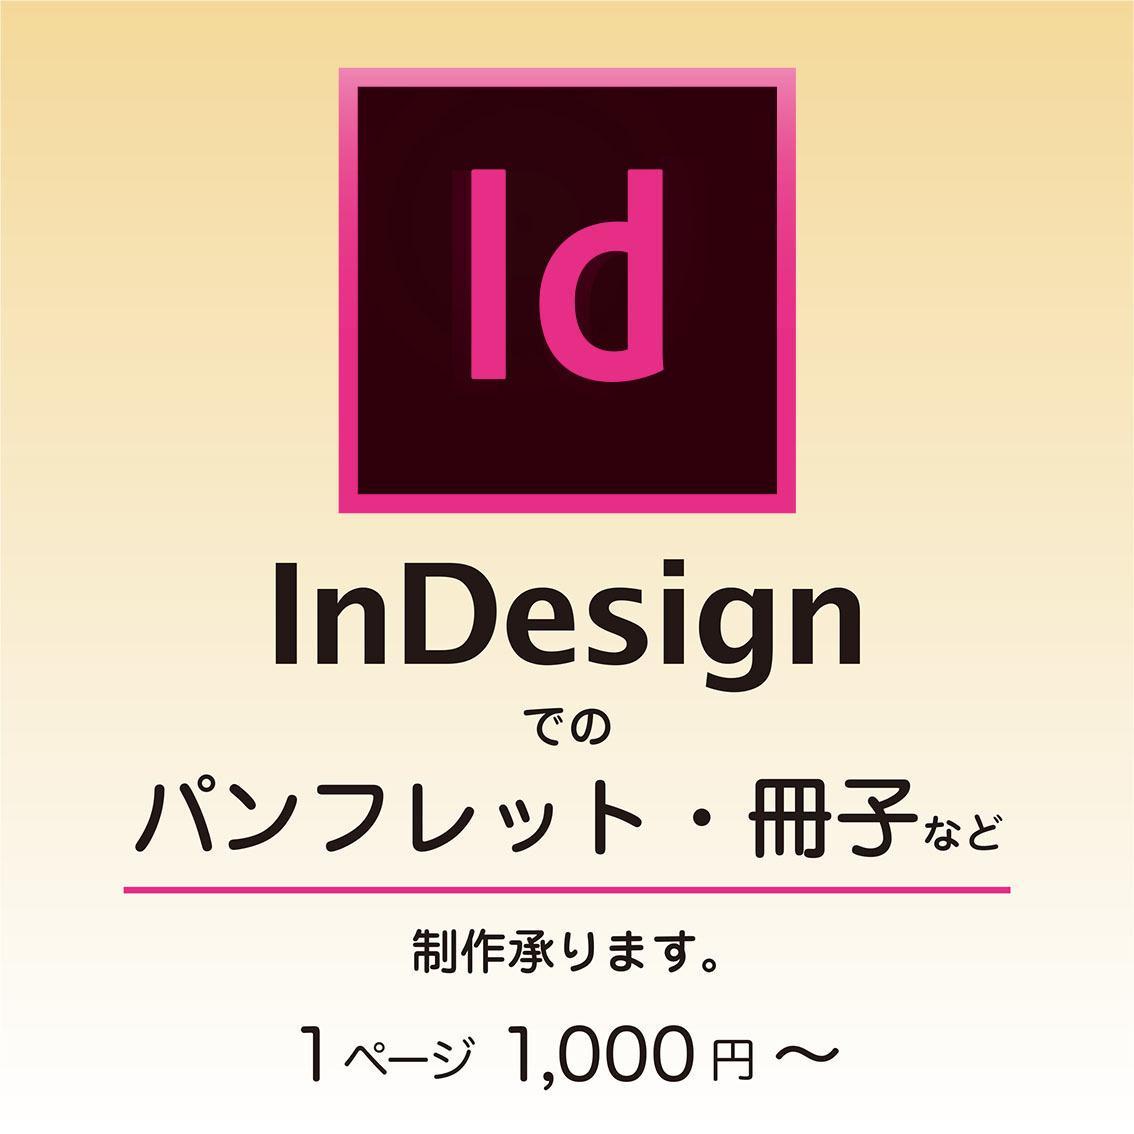 InDesignで冊子・書籍類お作りします パンフレットやイメージブックなど、何でもご相談ください! イメージ1